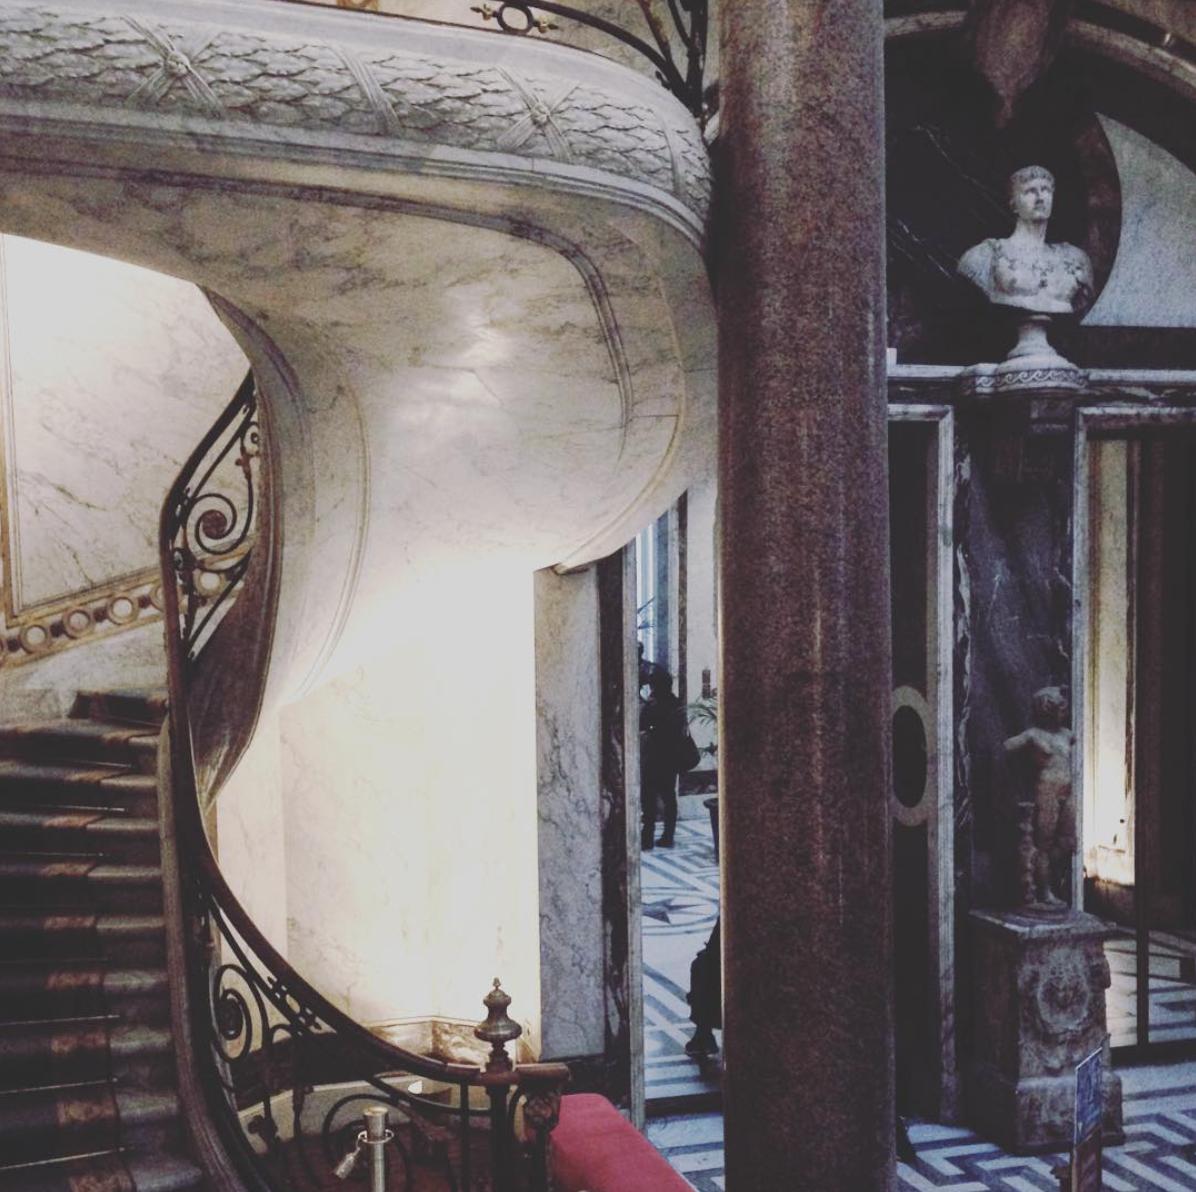 Détail de l'escalier du jardin d'hiver du Musée Jacquemart-André. Photo Artoris Magazine